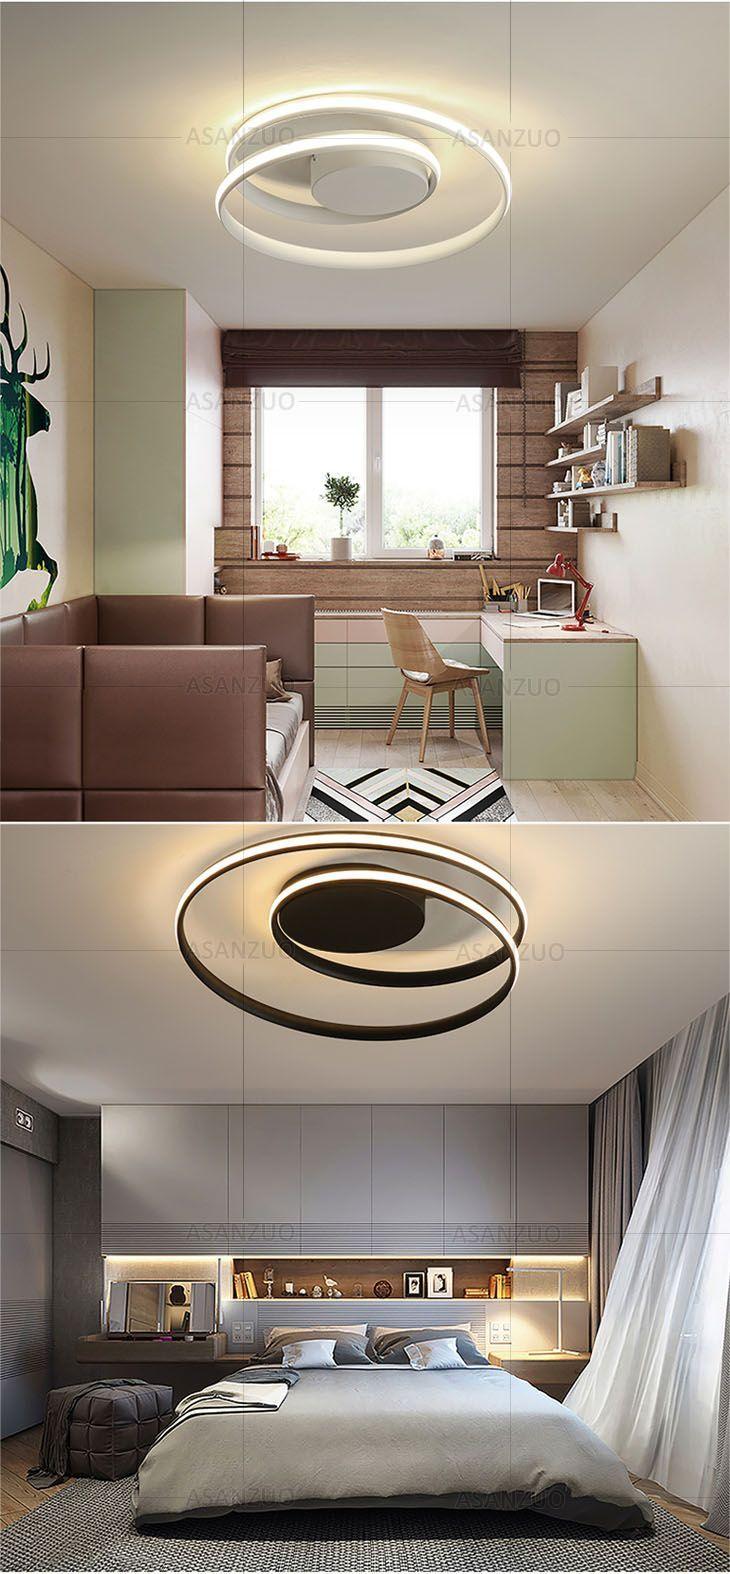 Moderne Decke Lichter LED Lampe Für Wohnzimmer Schlafzimmer Studie